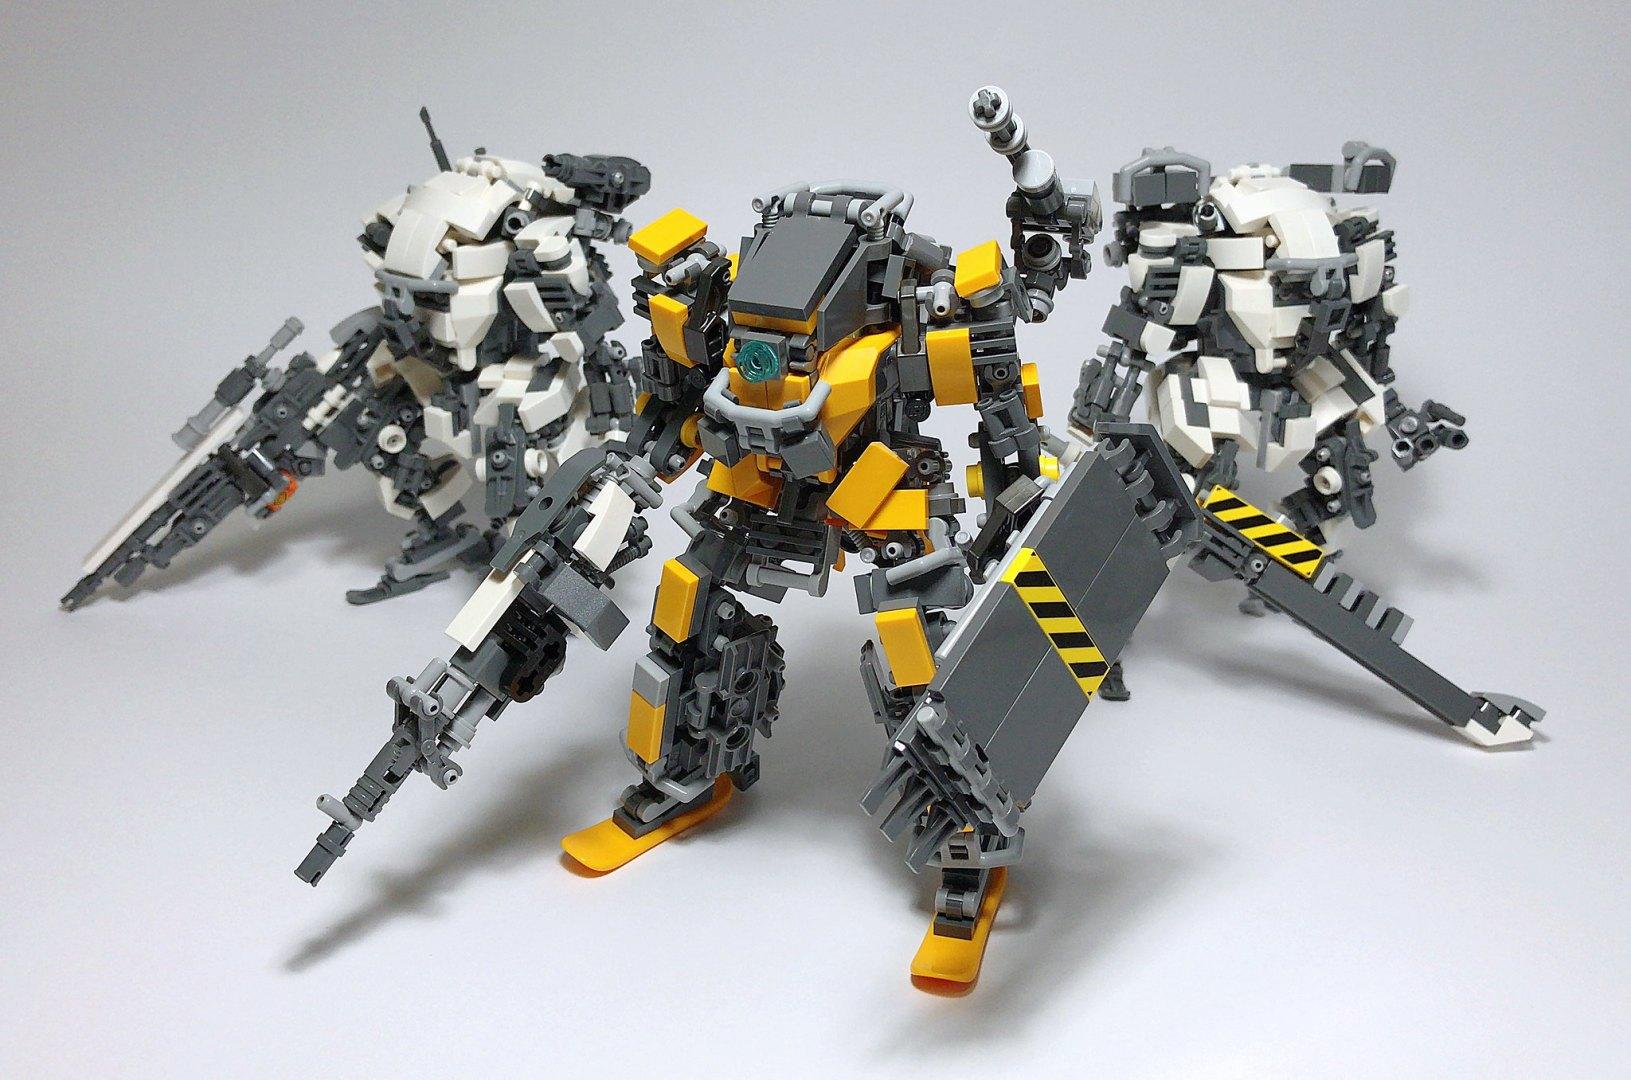 Quelle: flickr - Mitsuru Nikaido - Robot Mk10